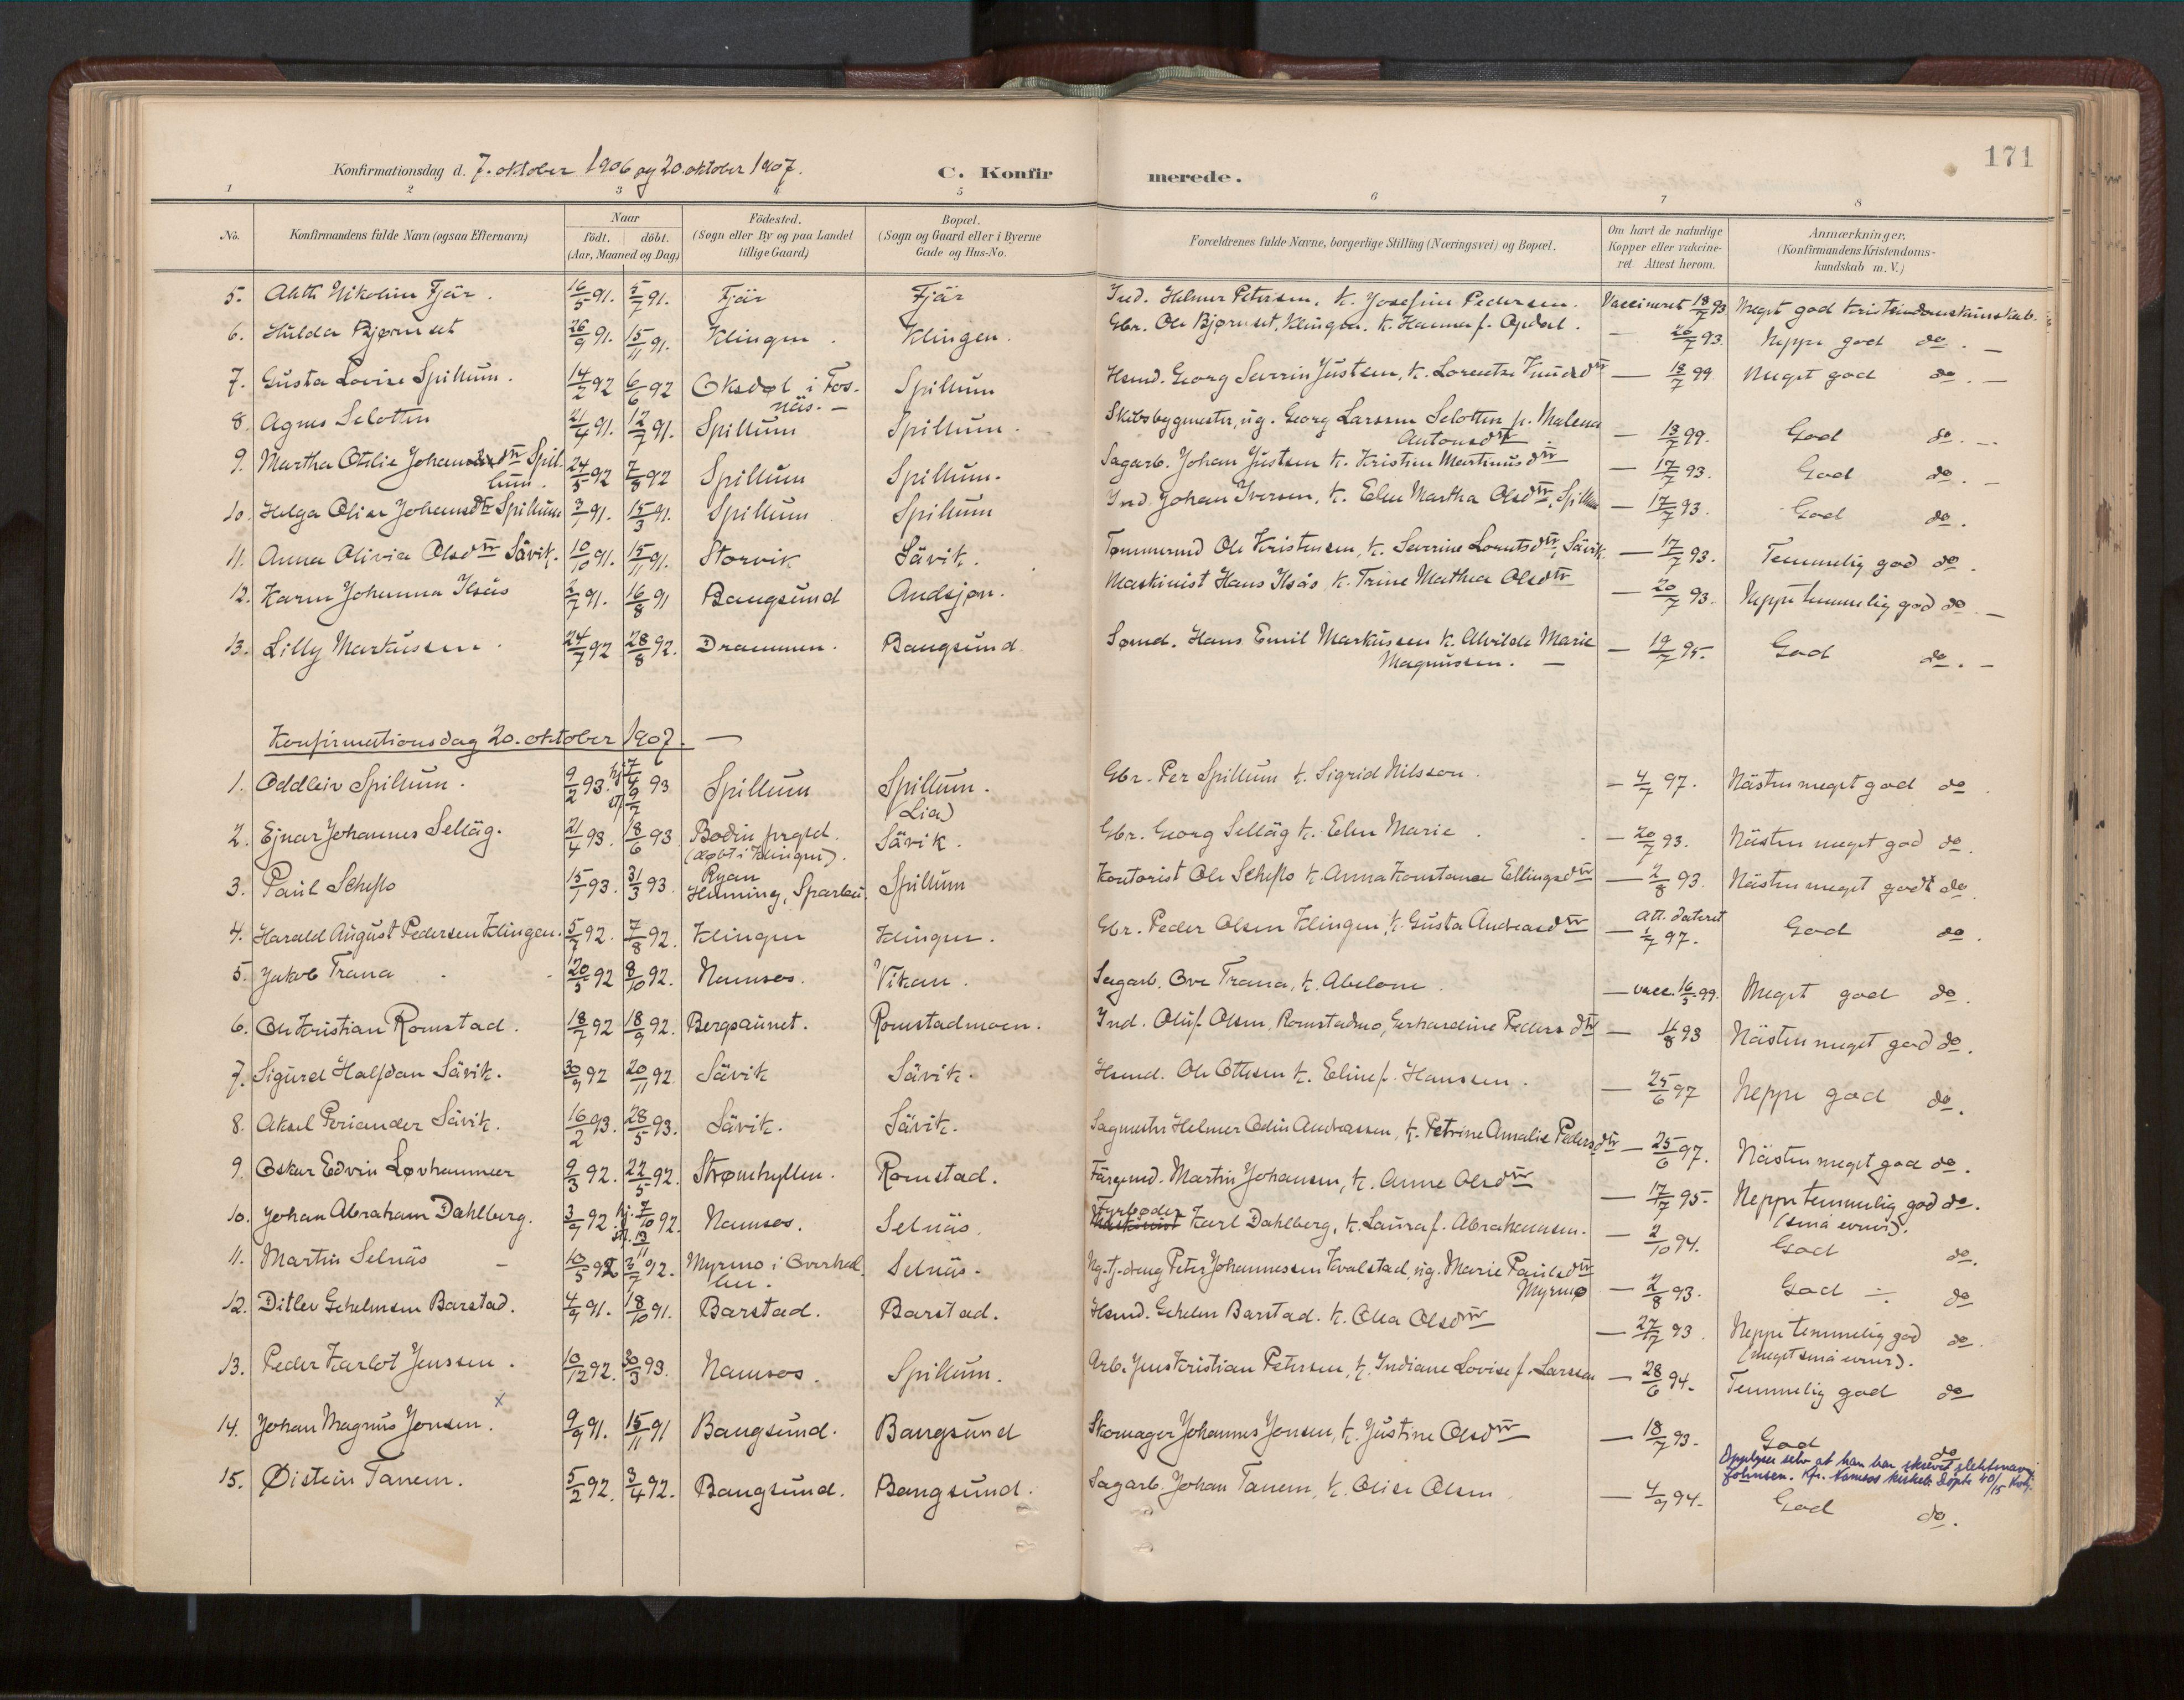 SAT, Ministerialprotokoller, klokkerbøker og fødselsregistre - Nord-Trøndelag, 770/L0589: Ministerialbok nr. 770A03, 1887-1929, s. 171